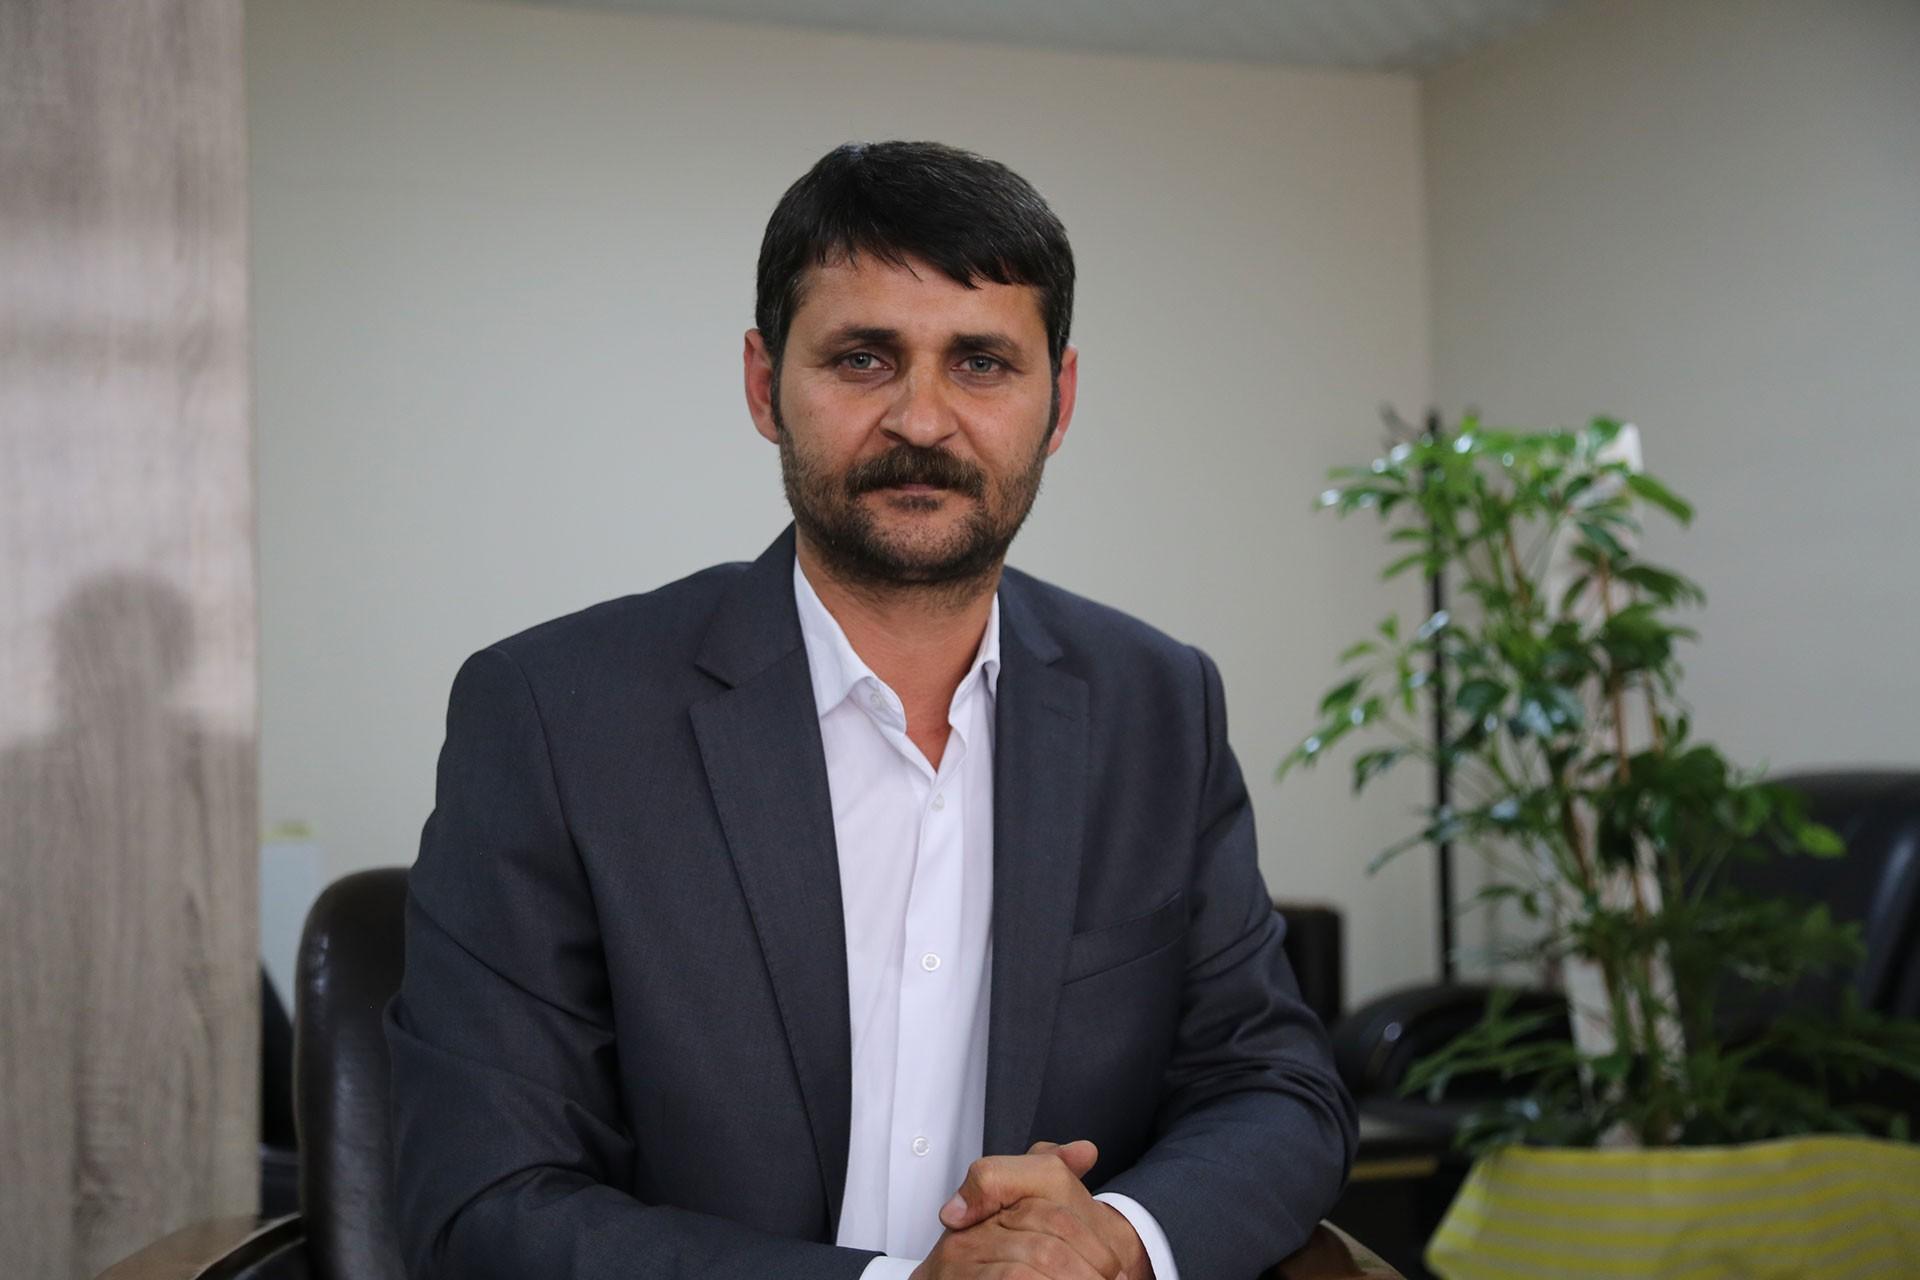 Cizre Belediye Eş Başkanı Mehmet Zırığ'a 'retweet' soruşturması